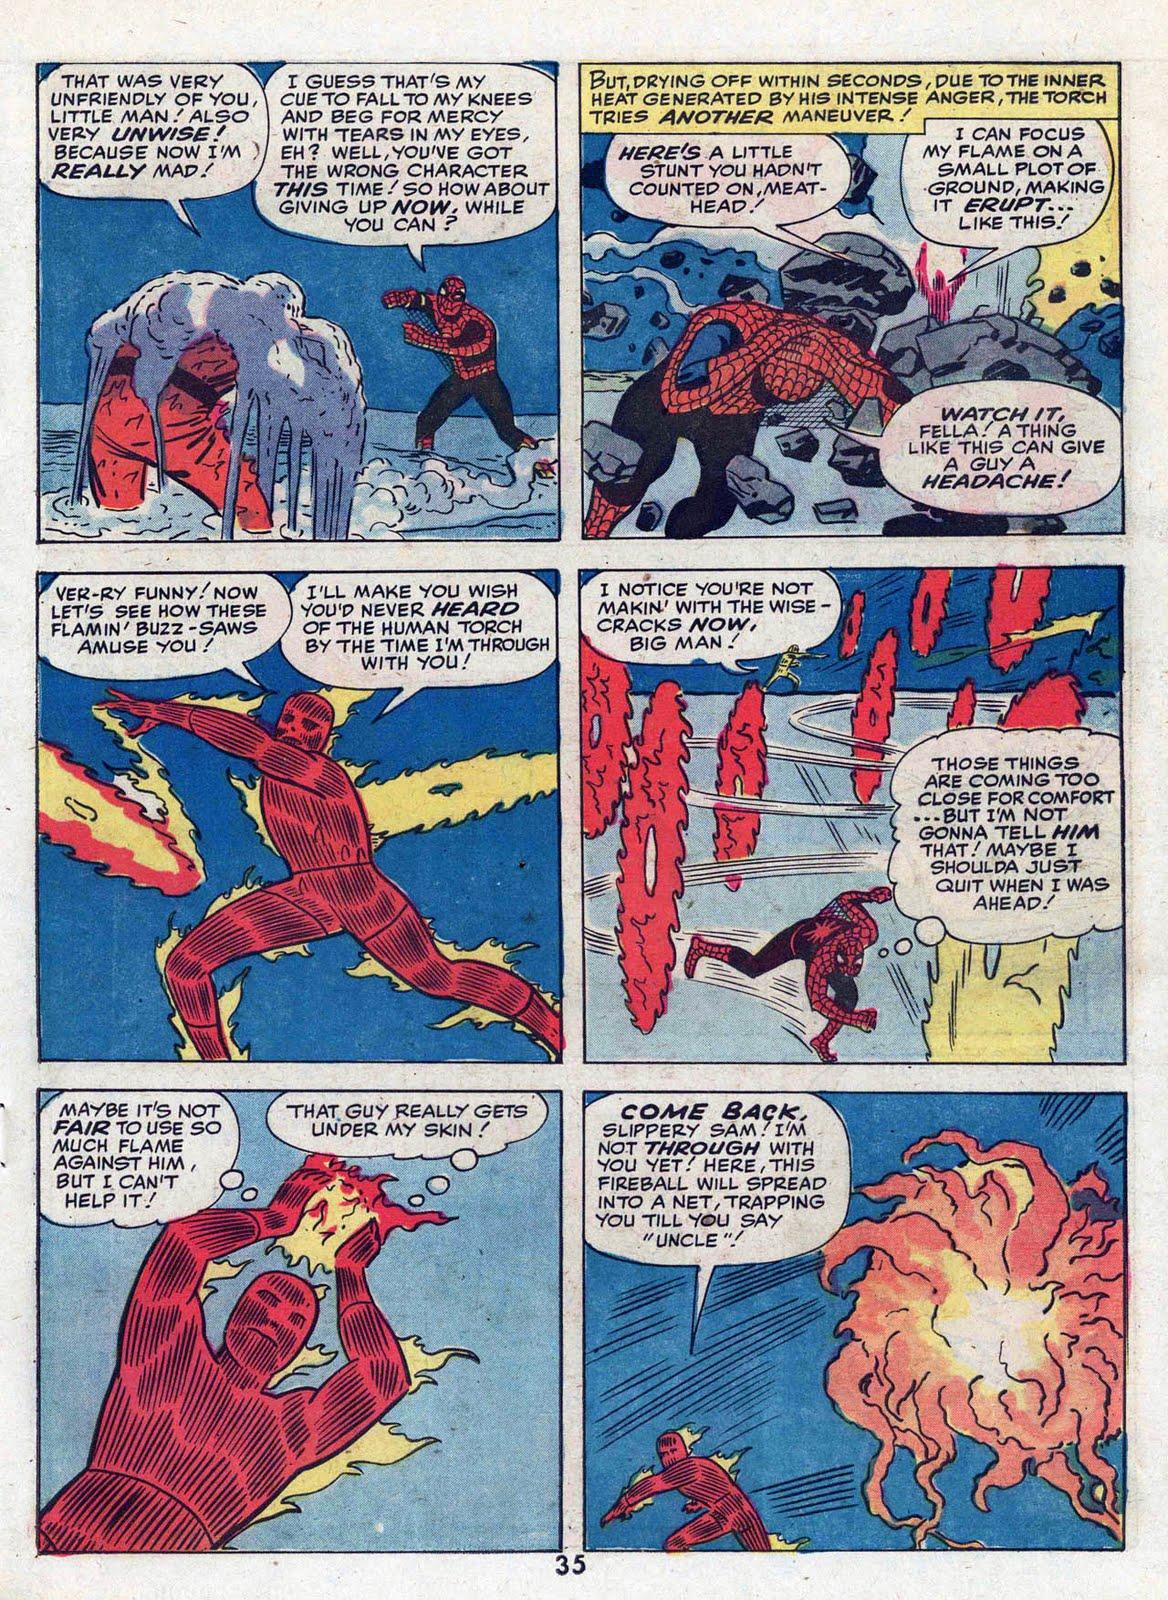 Savage Tales: Marvel Treasury Edition #1: